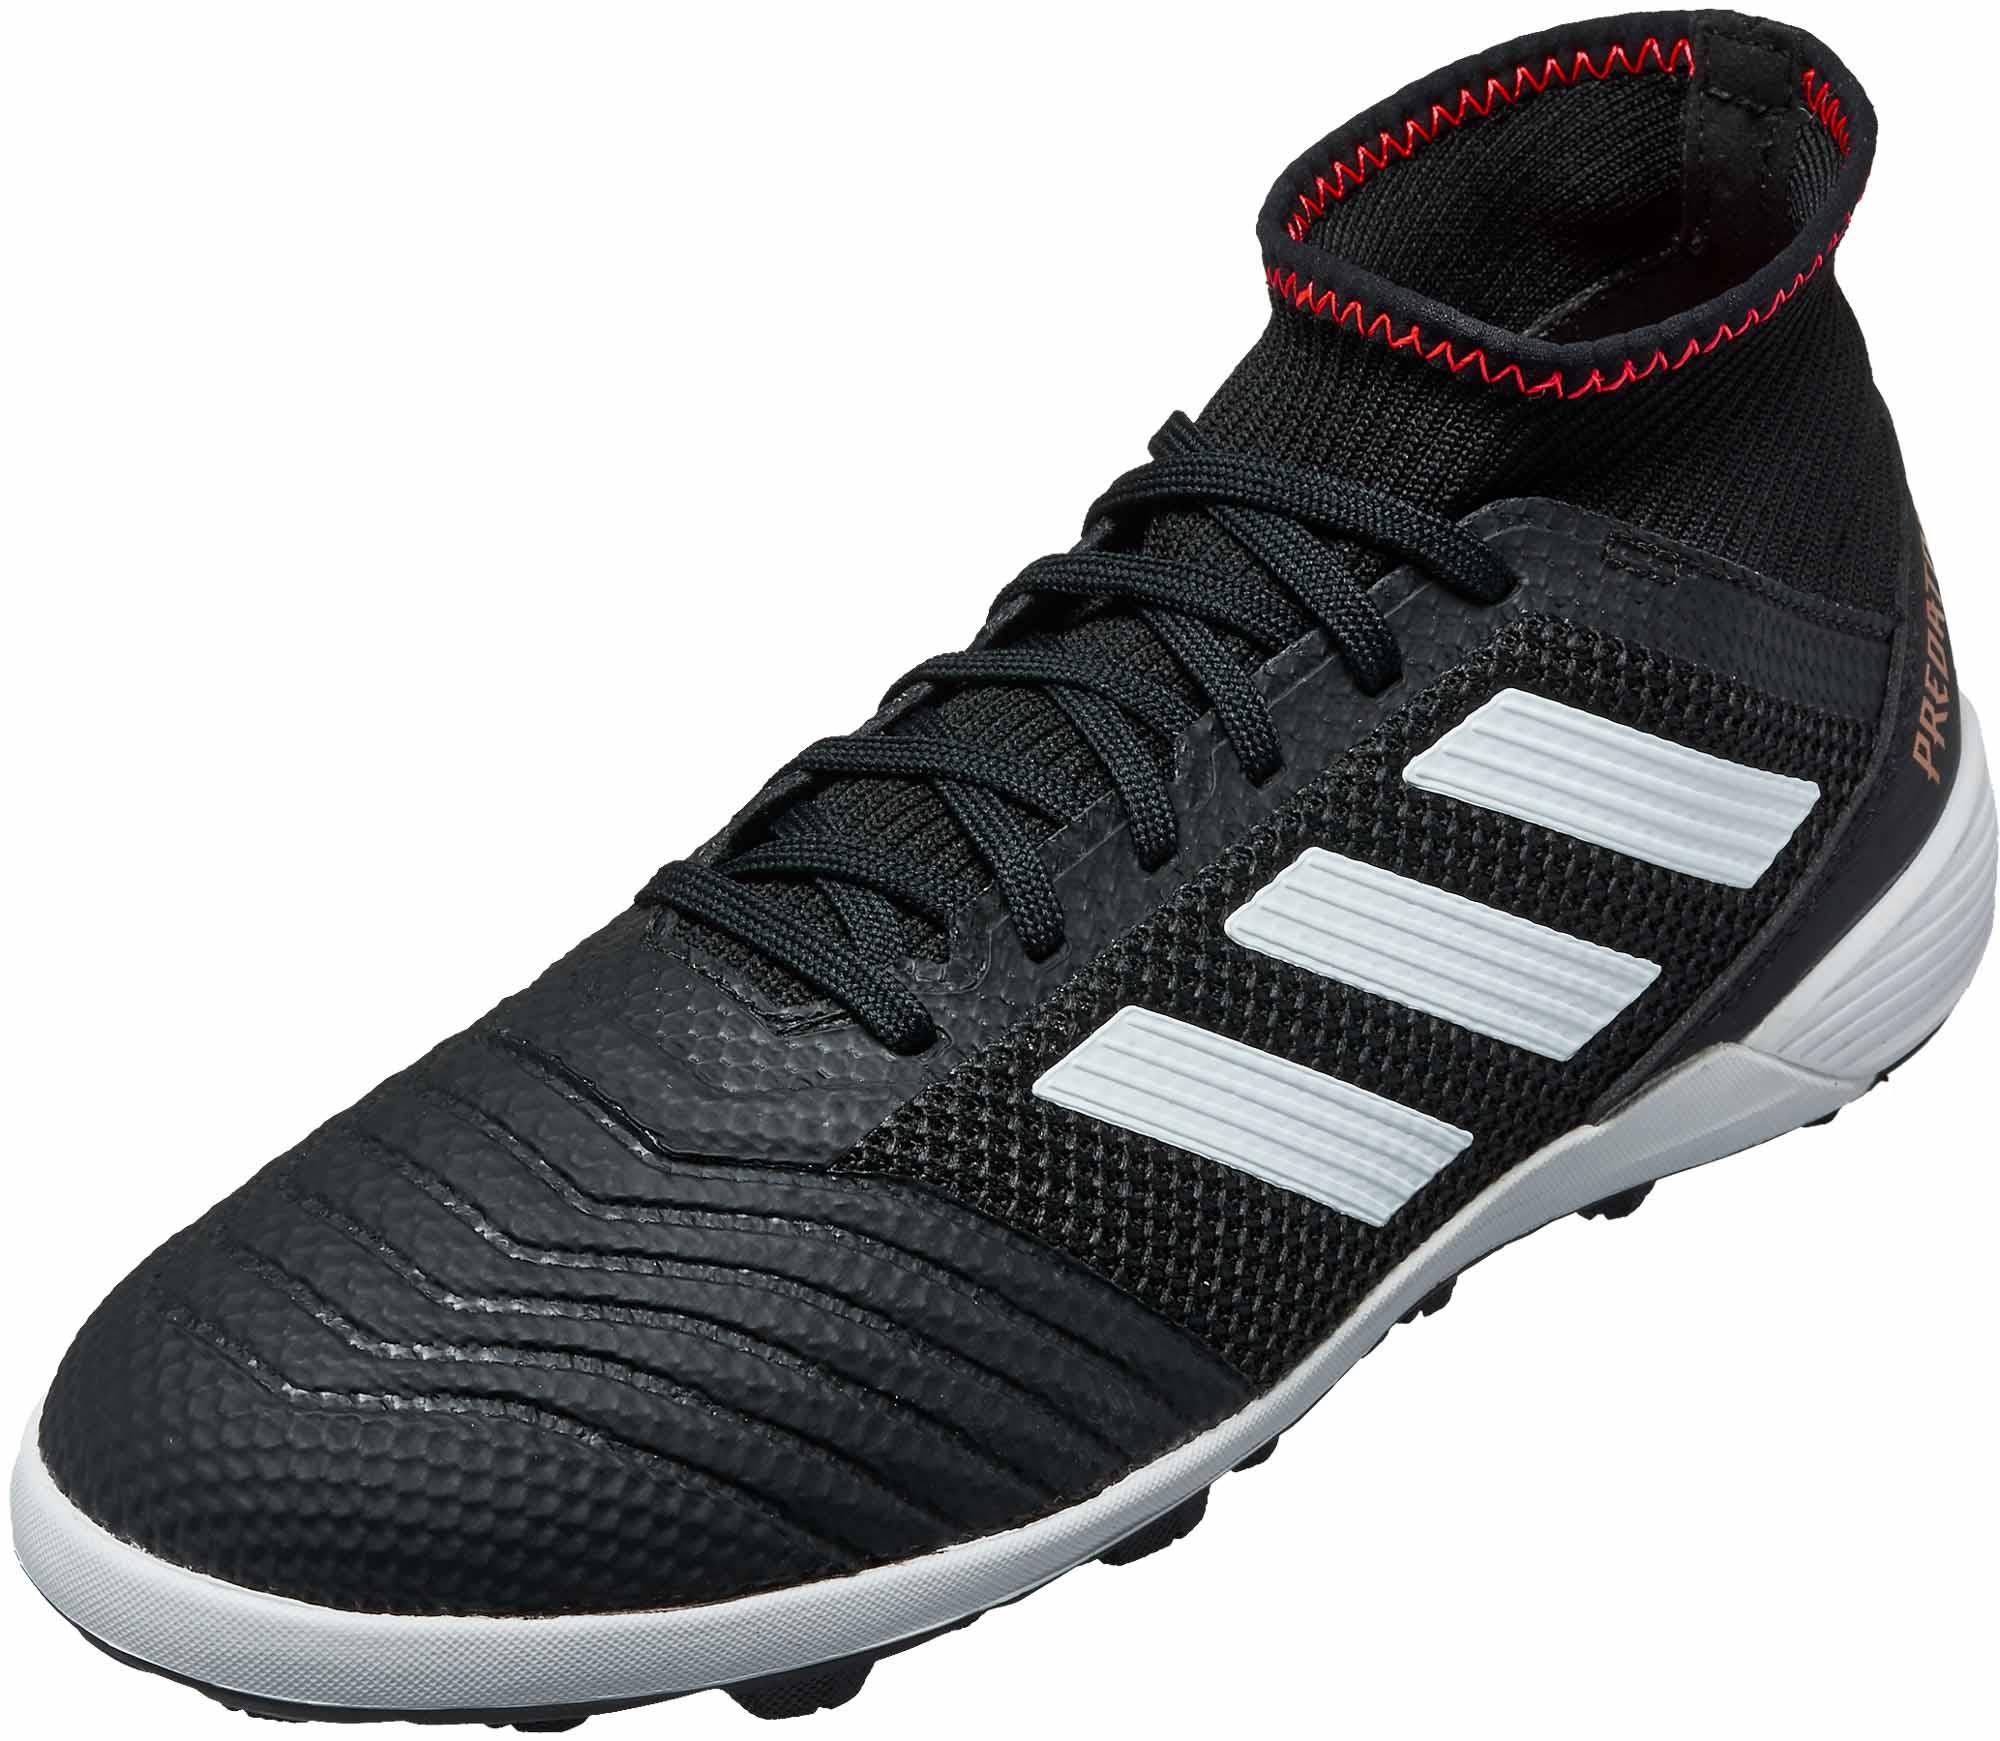 Adidas Predator 18,3 Tf